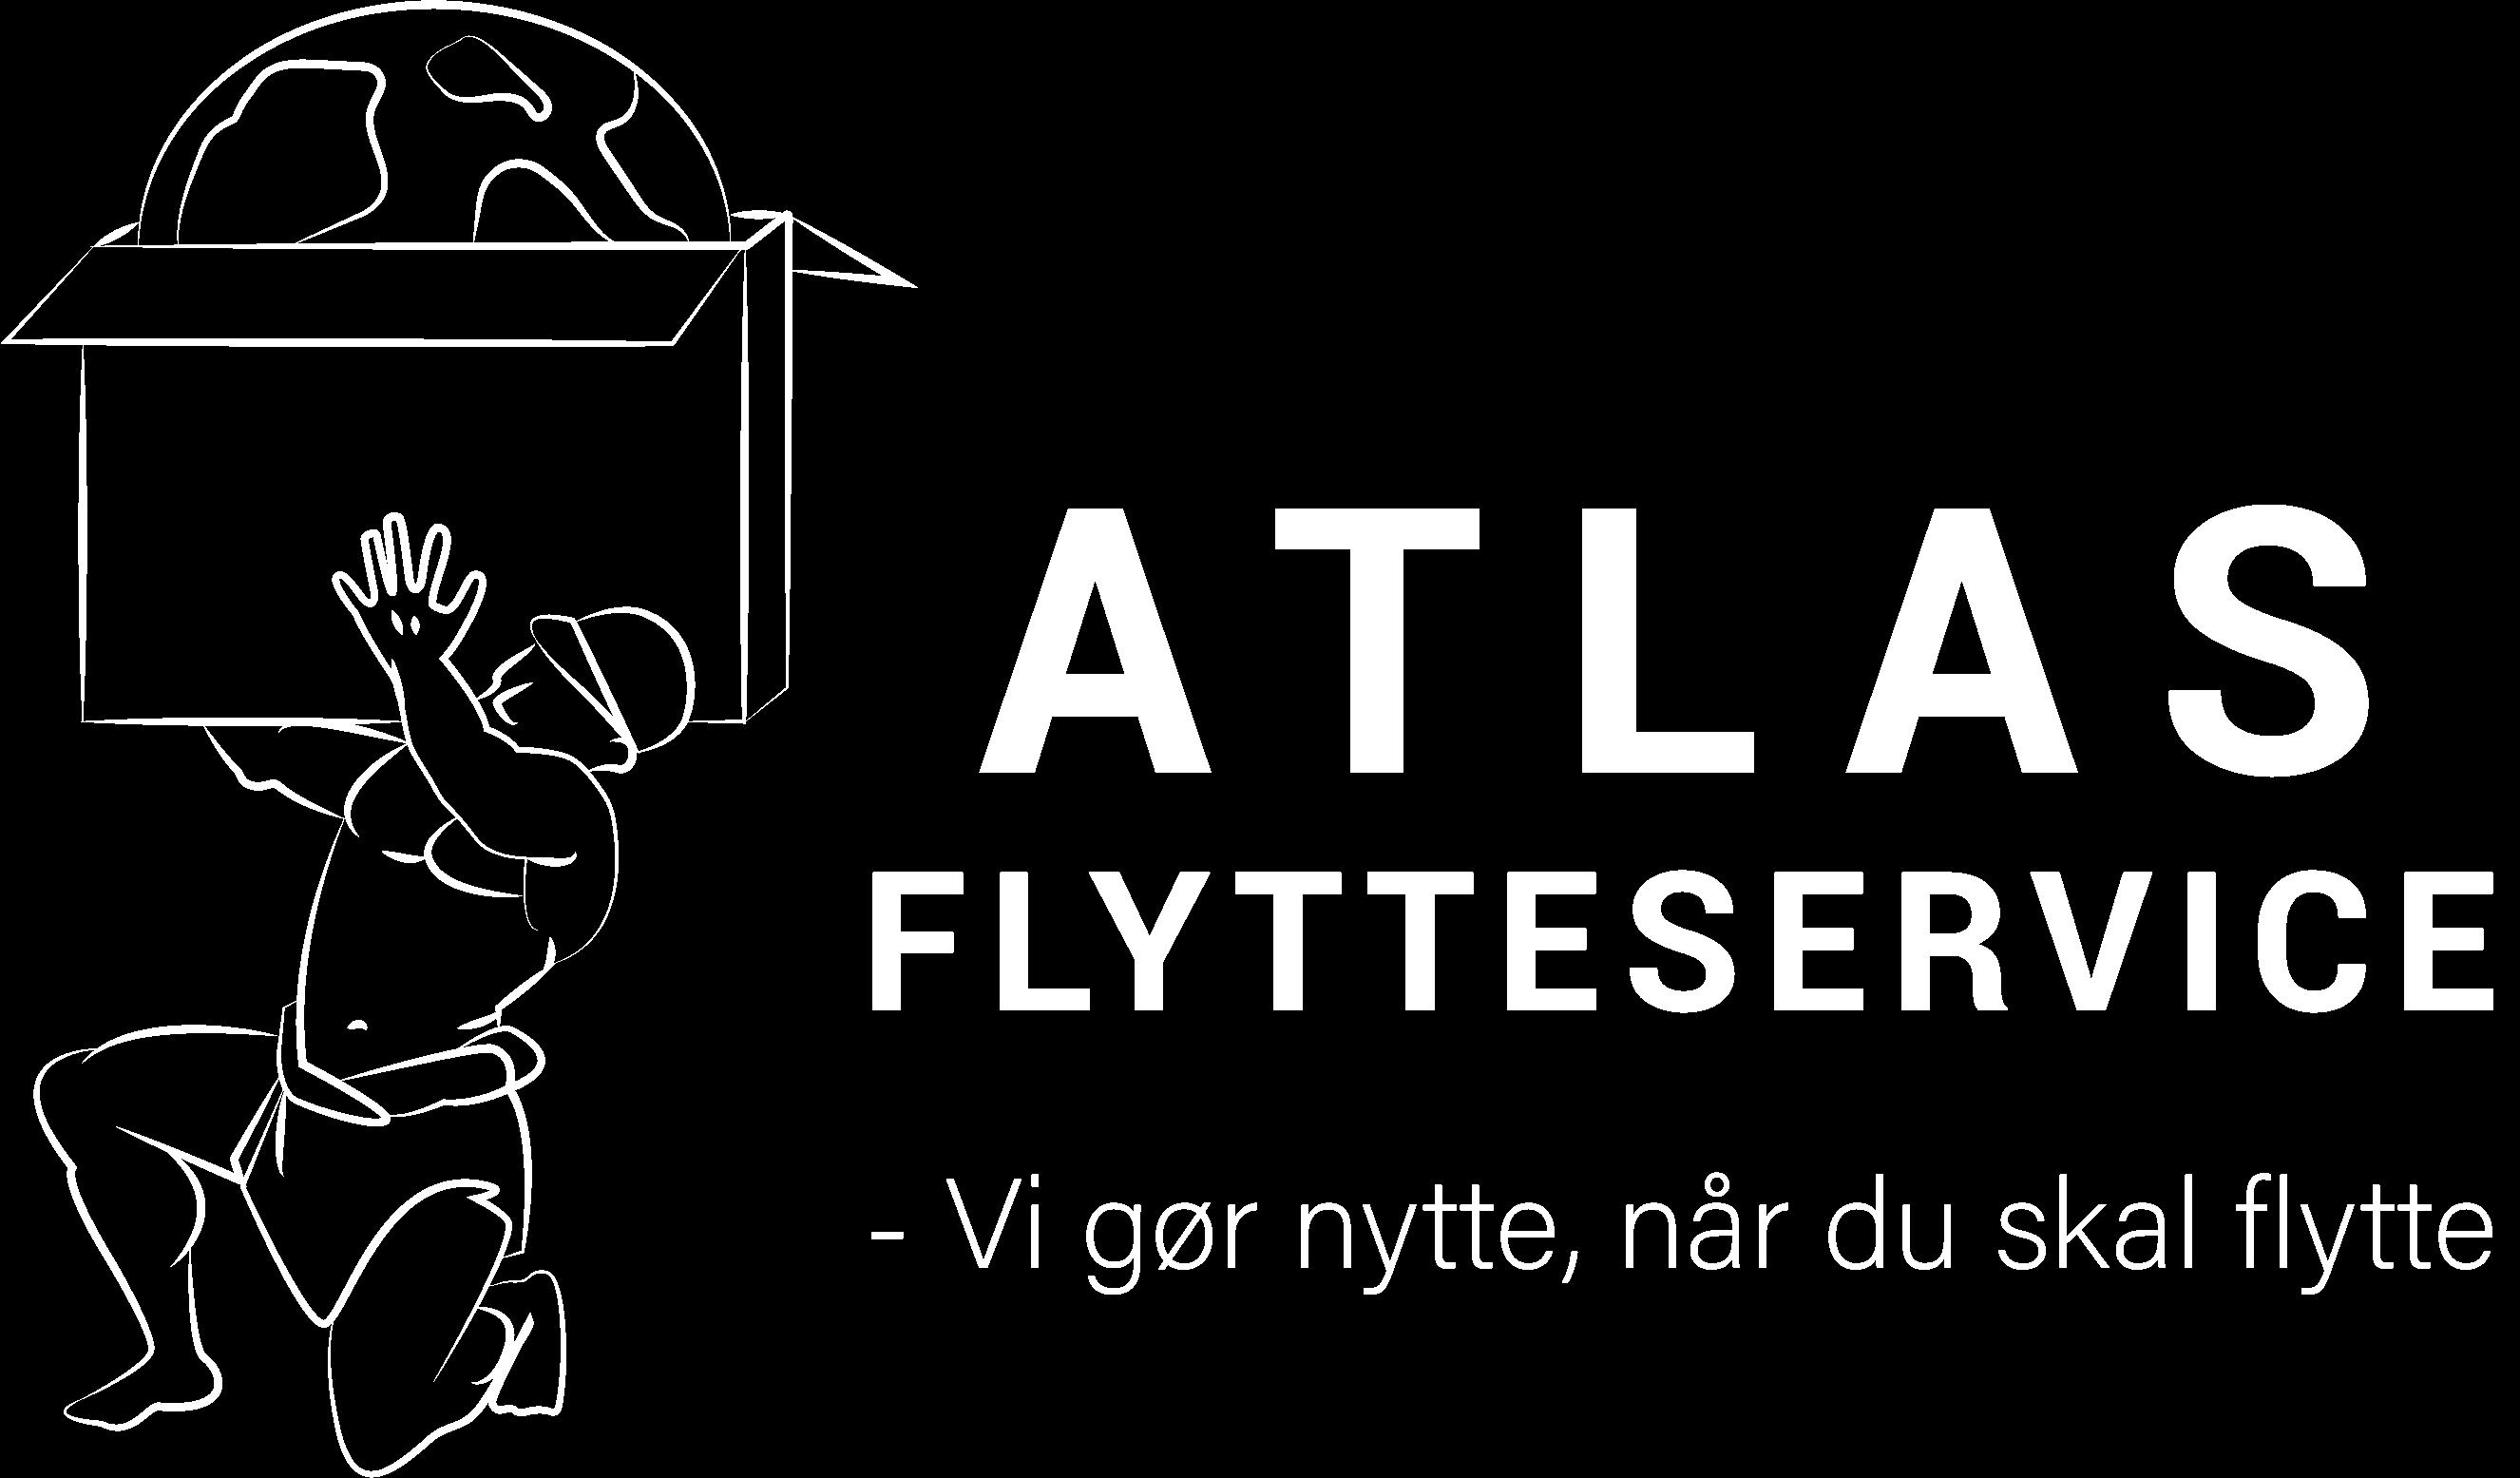 ATLAS_hvid_ingenbg